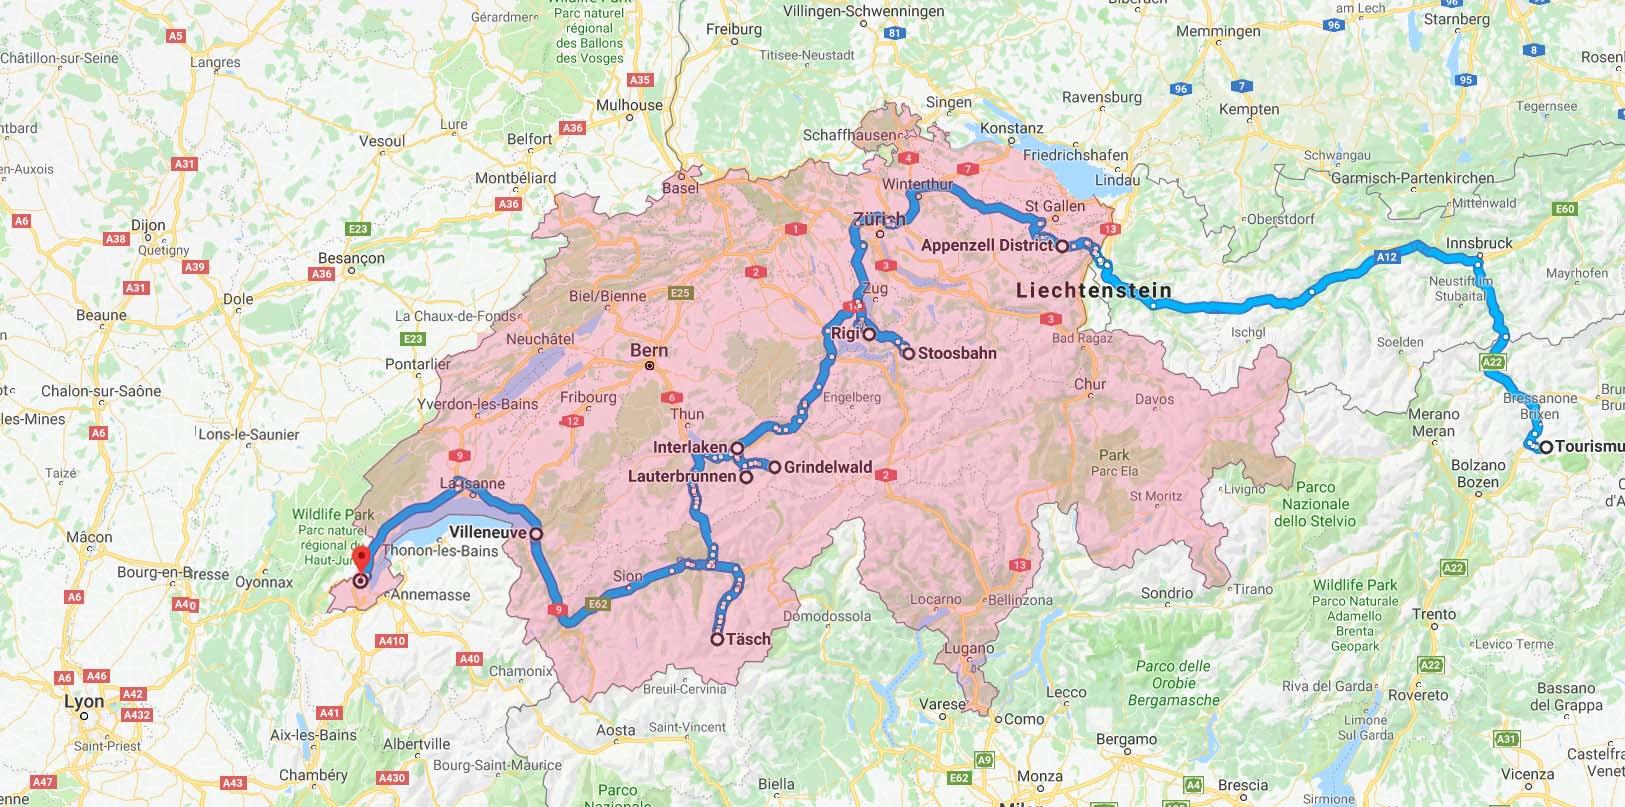 10 days road trip in Switzerland